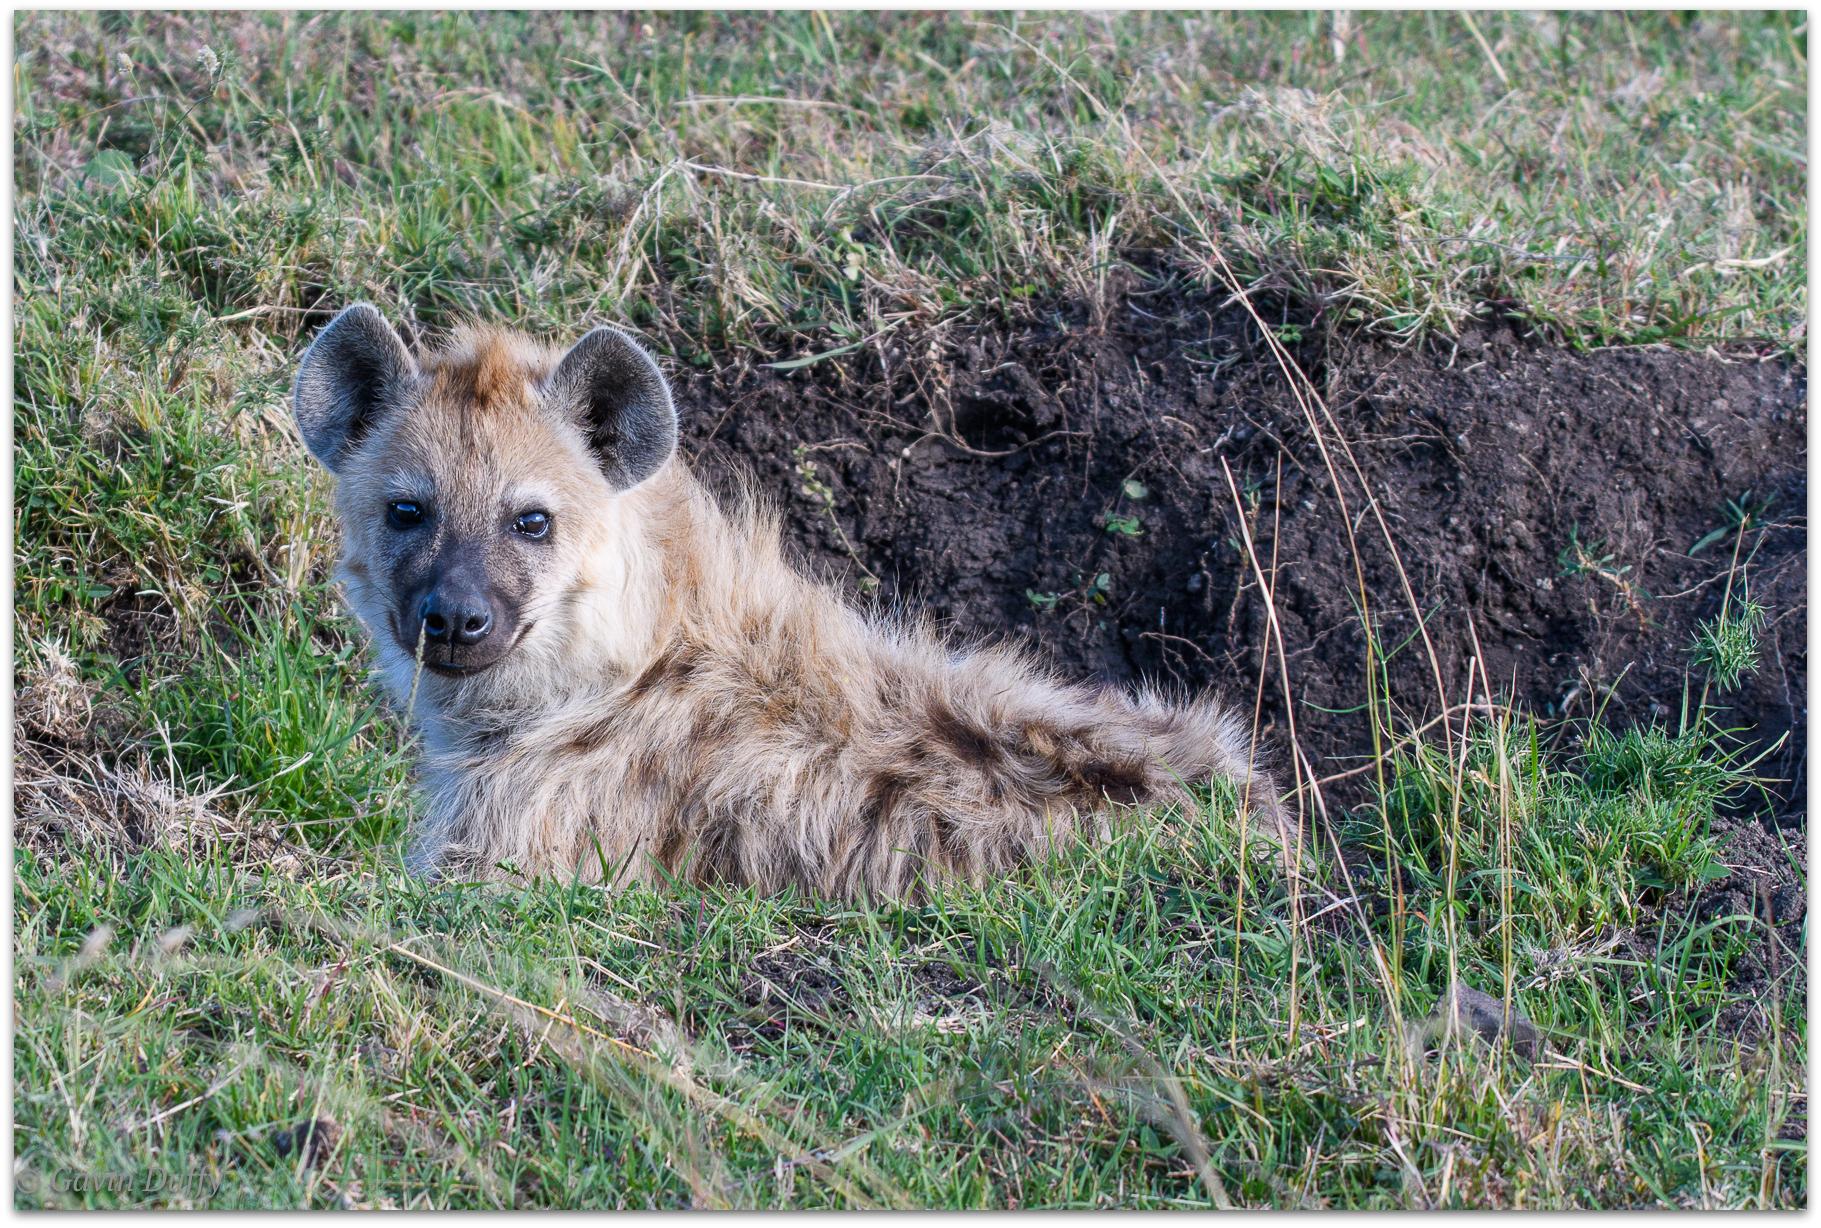 Hyena pup outside den © Gavin Duffy